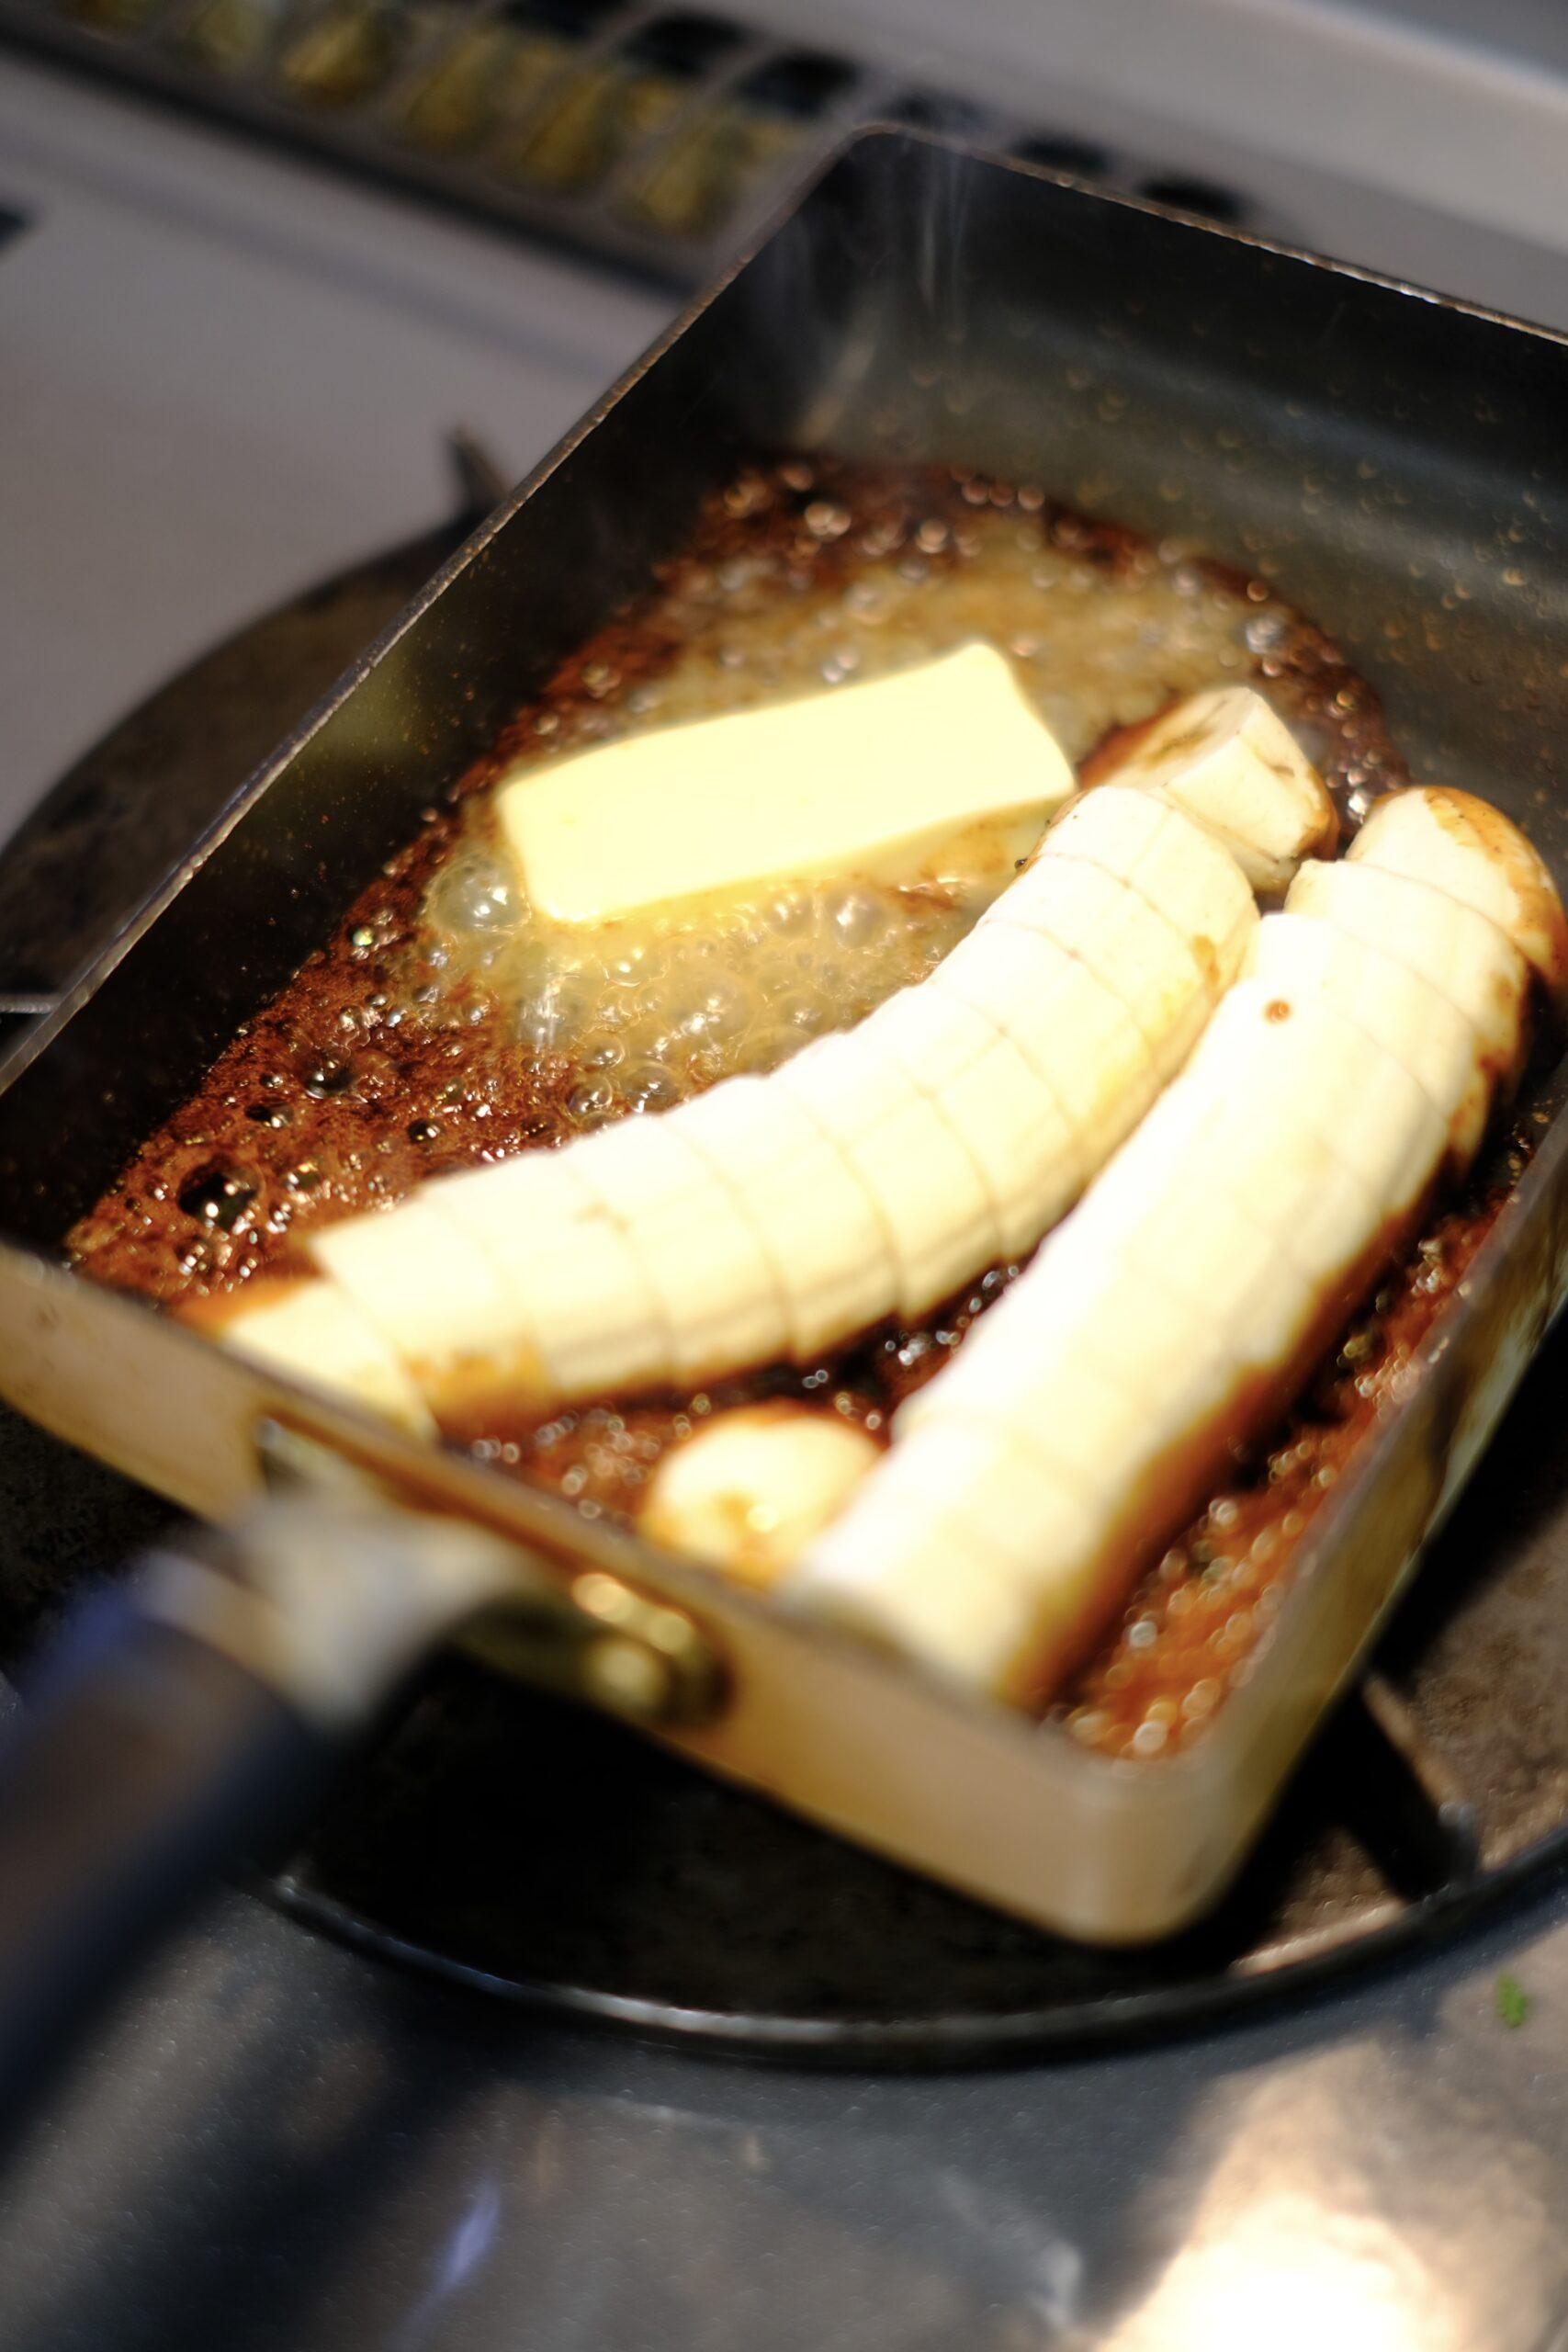 カットしたバナナとバターを加えた様子の画像です